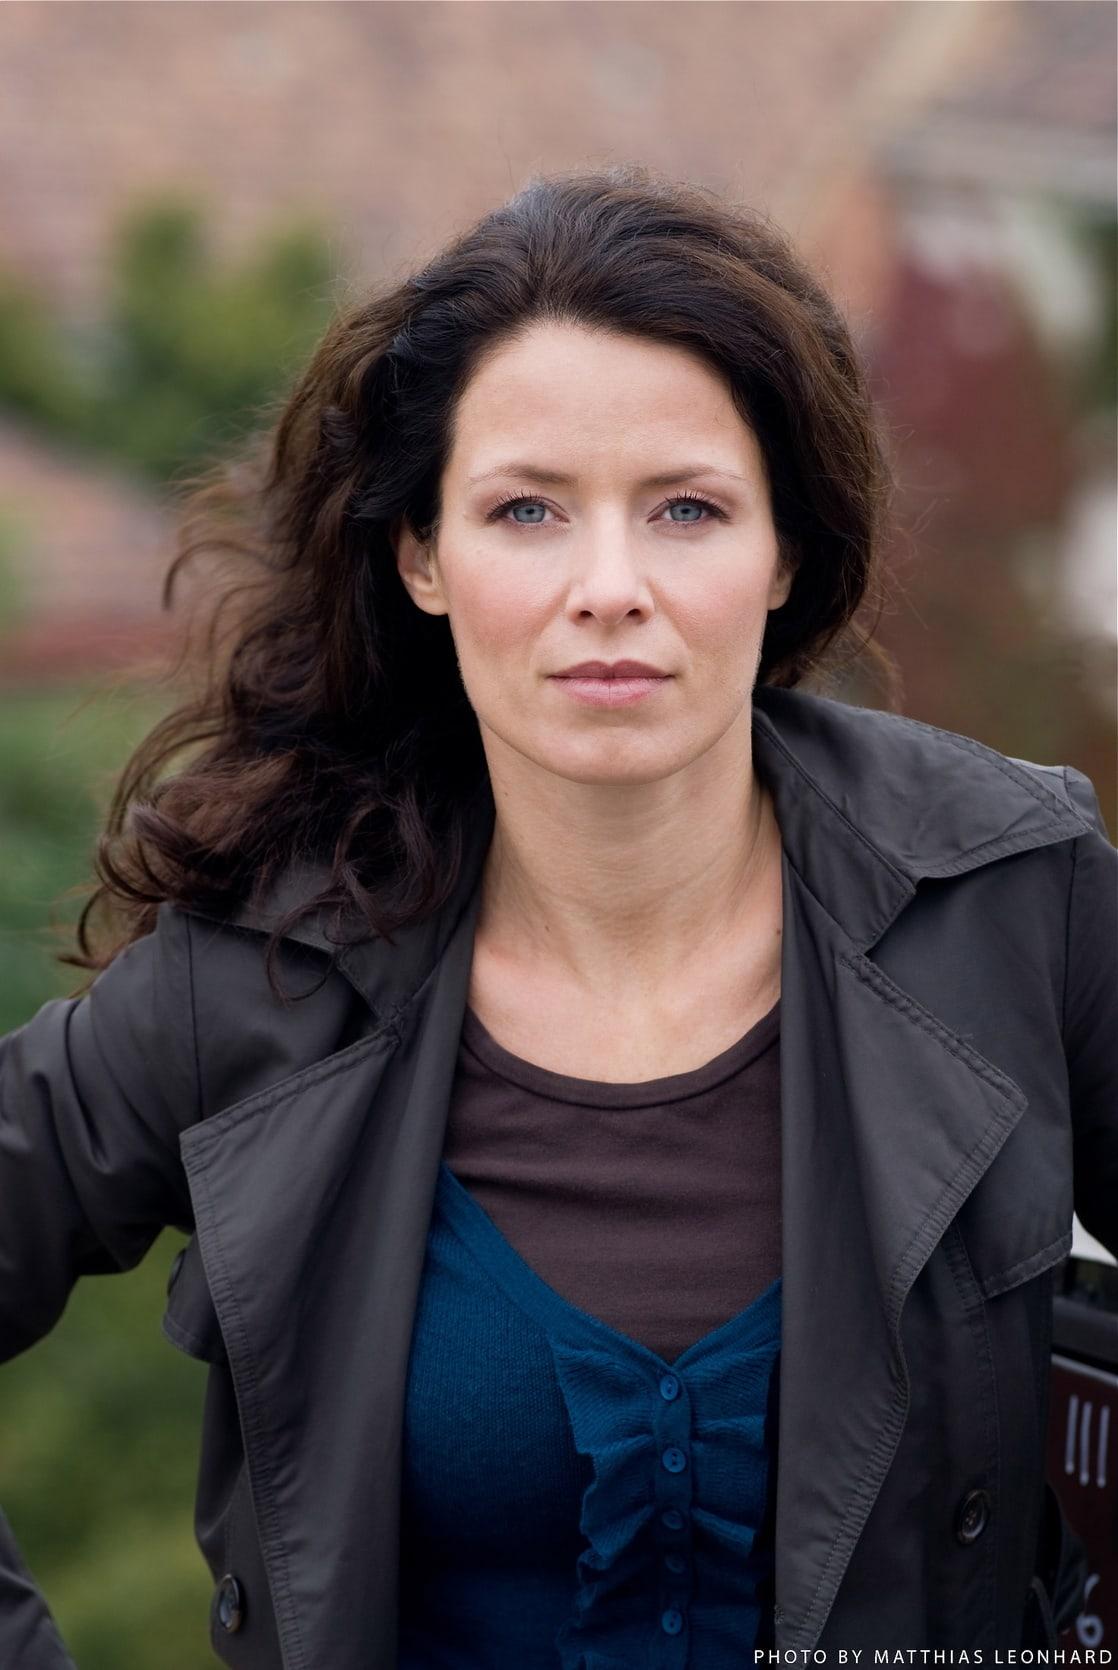 Pia Baresch